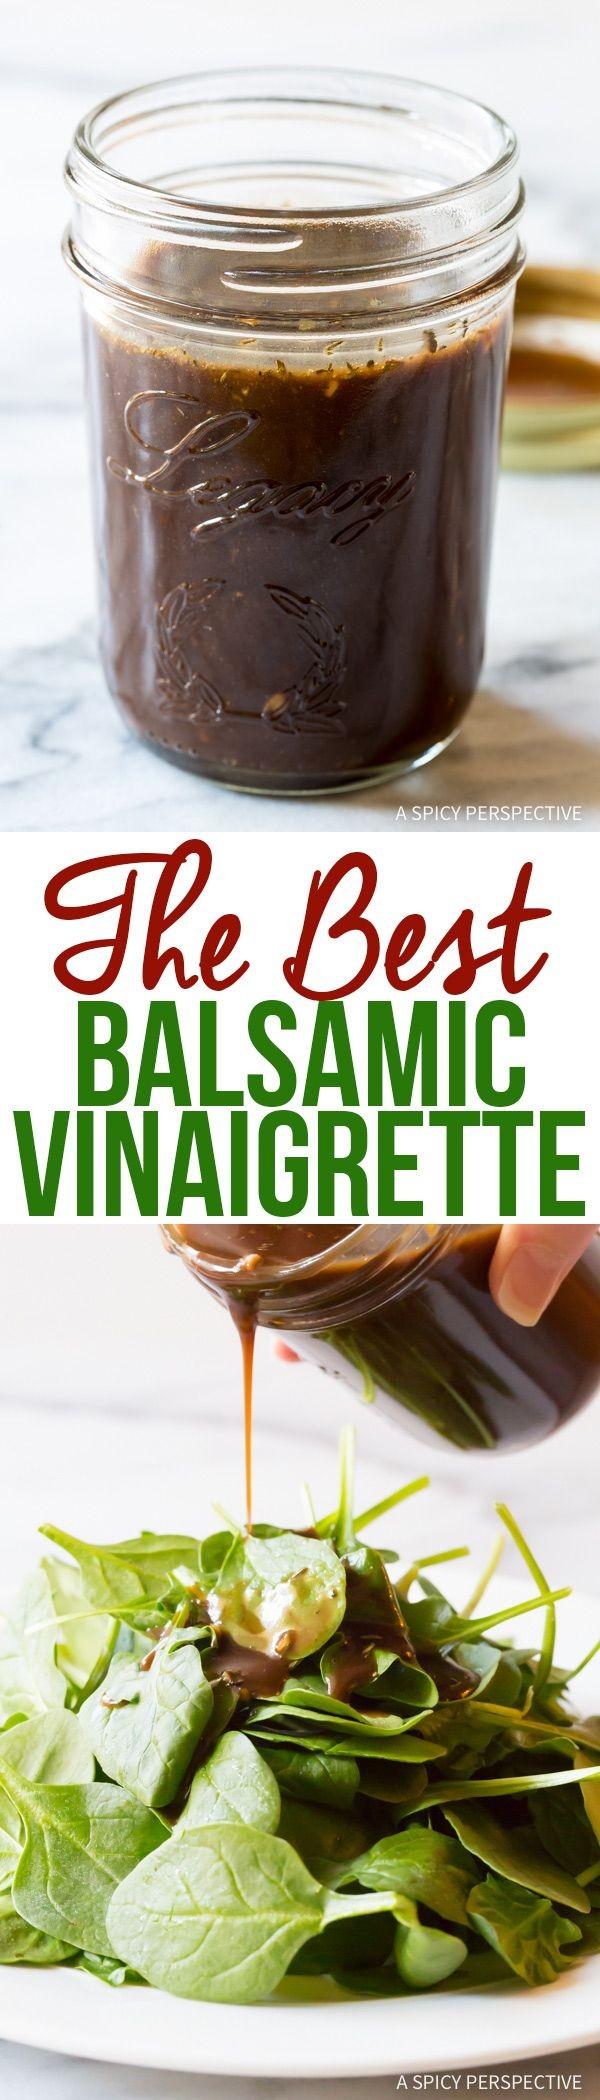 Get the recipe Balsamic Vinaigrette @recipes_to_go